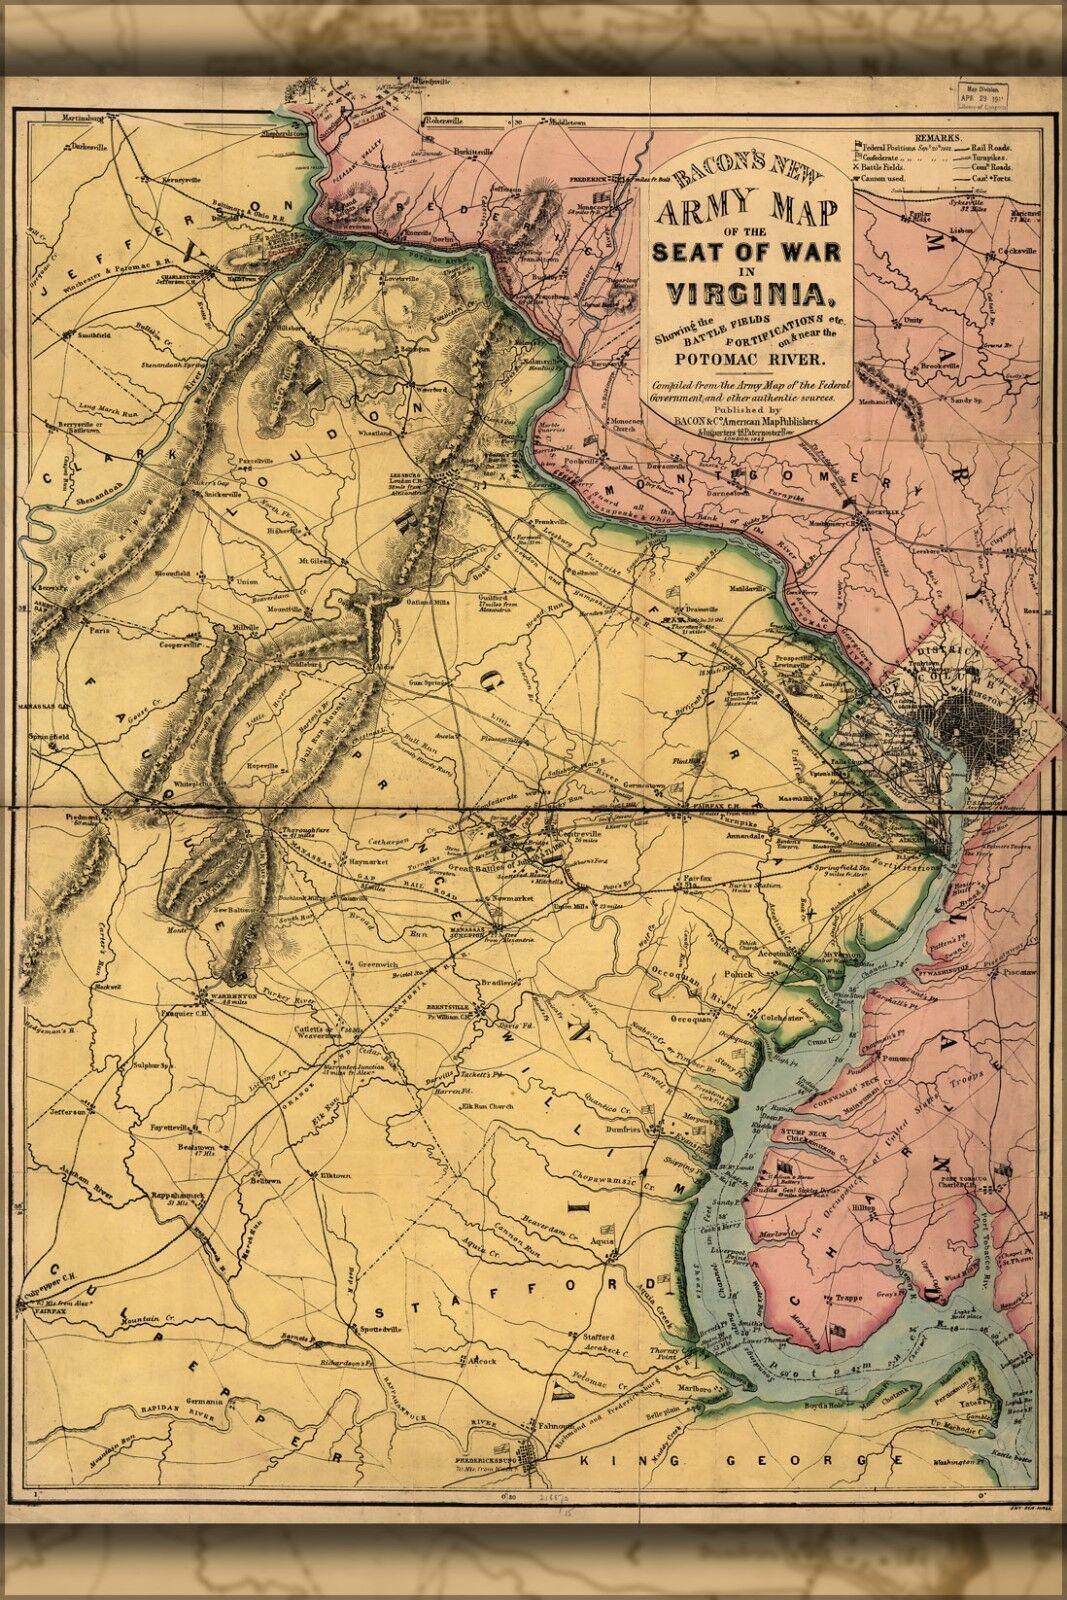 Plakat, Viele Größen; Bürgerkrieg Karte von der Sitz Of War in Virginia 1862